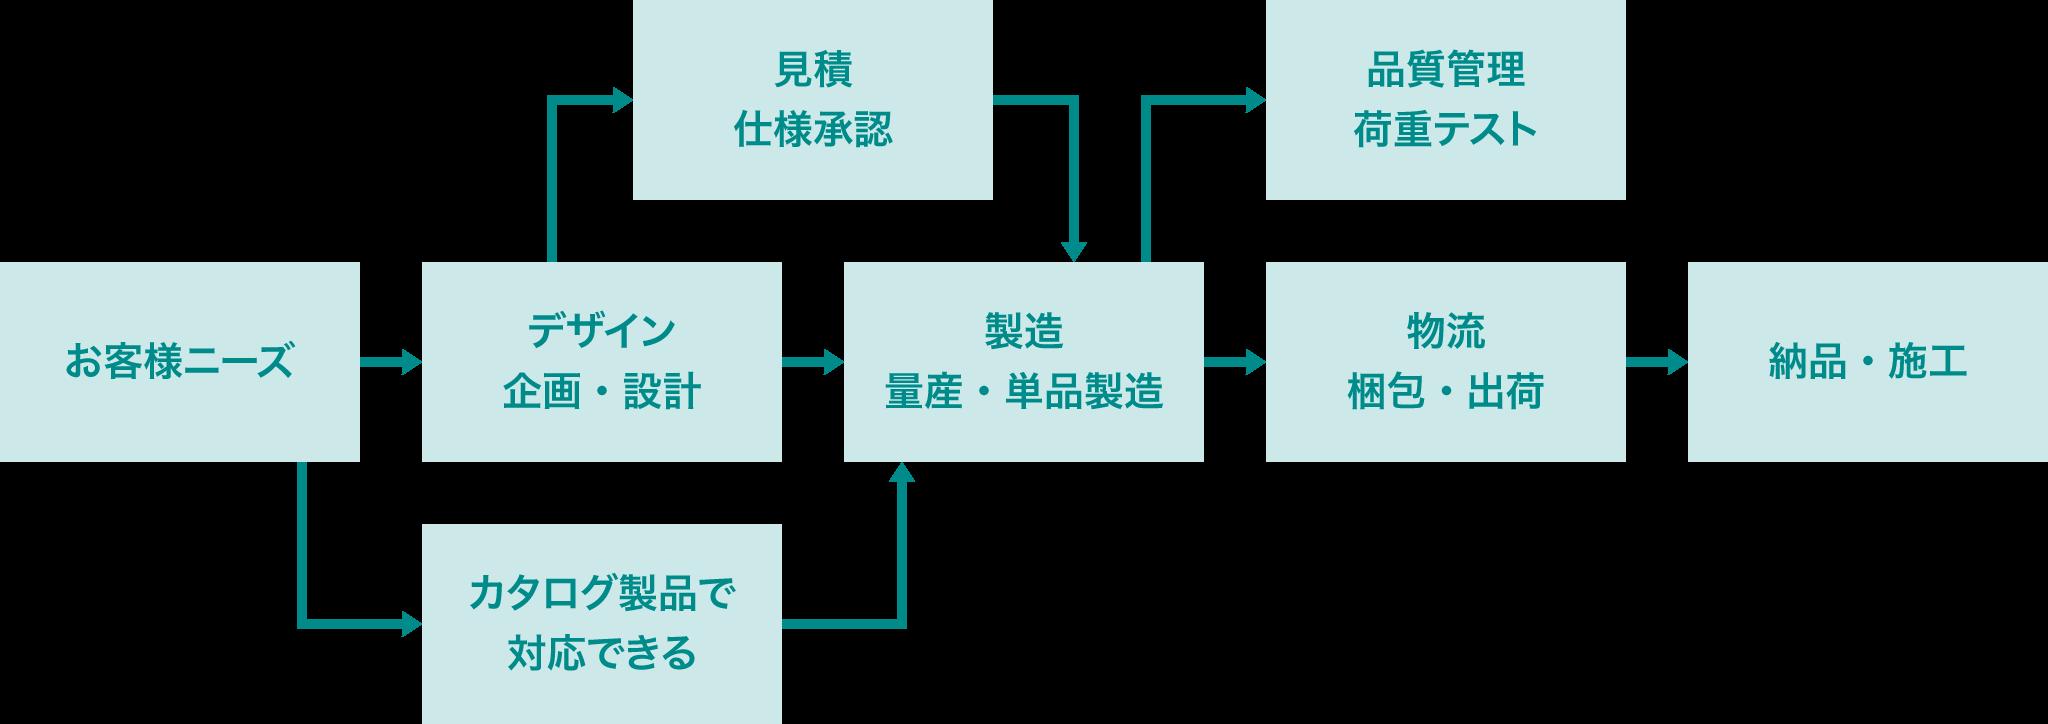 企画・生産・配送までの一貫システム